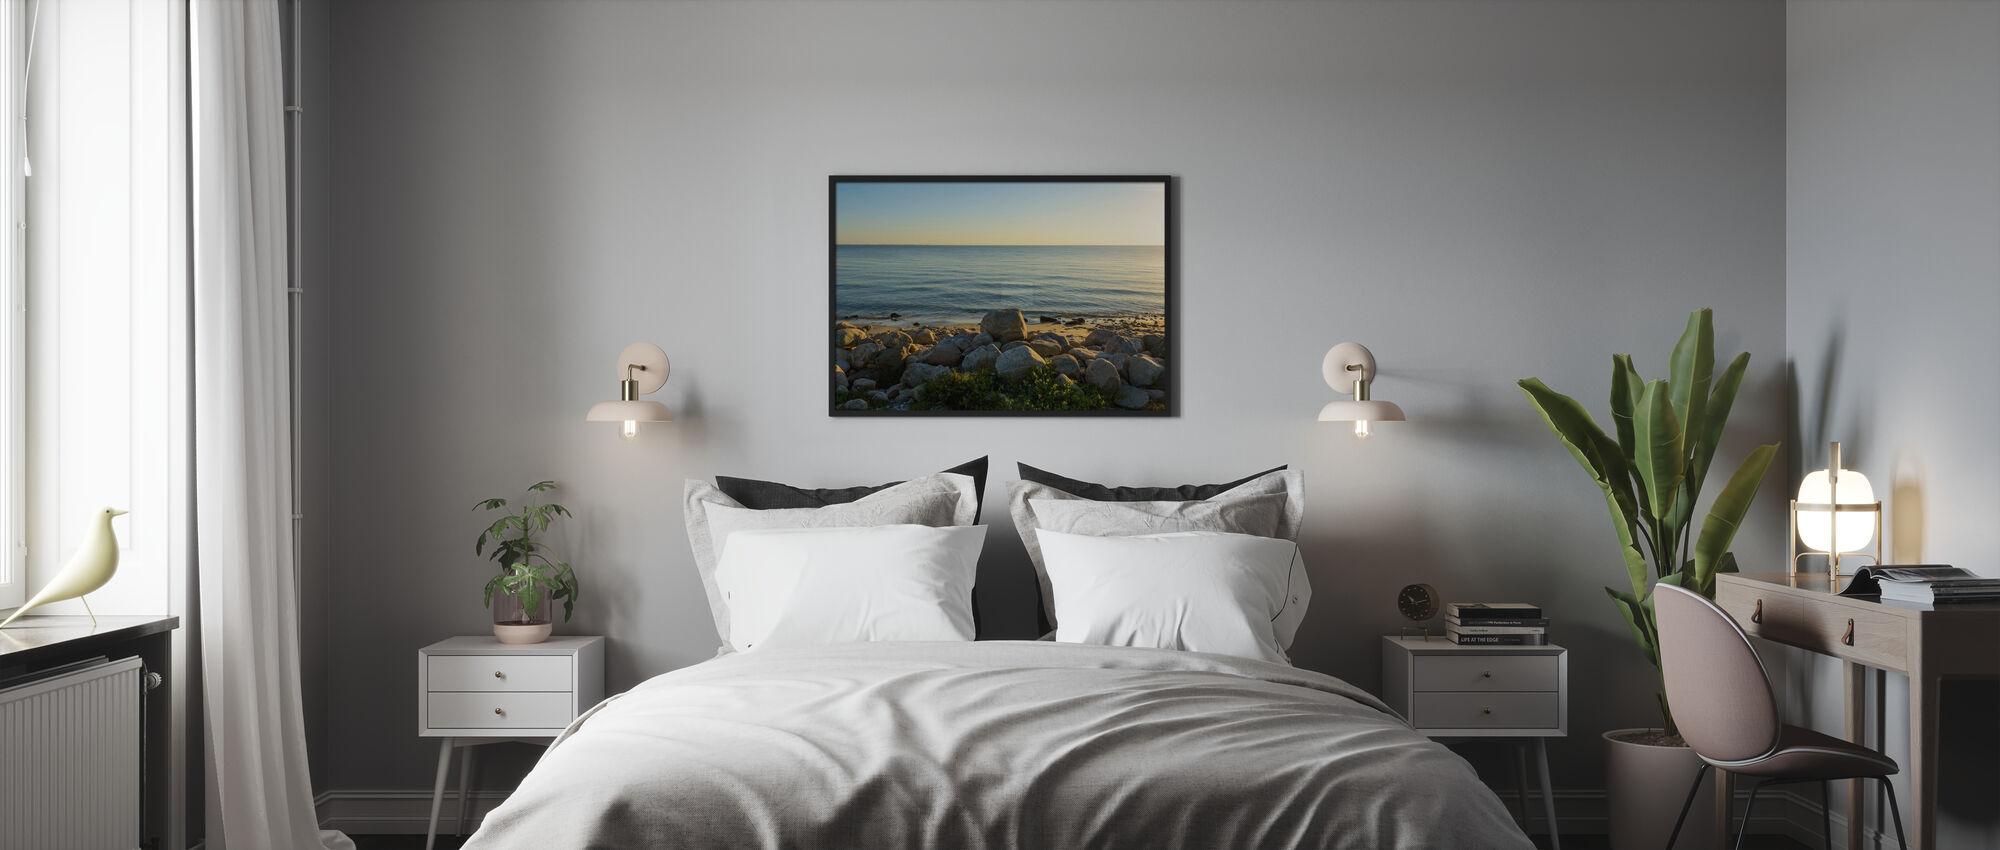 Odsherred Beach, Denmark - Plakat - Soveværelse